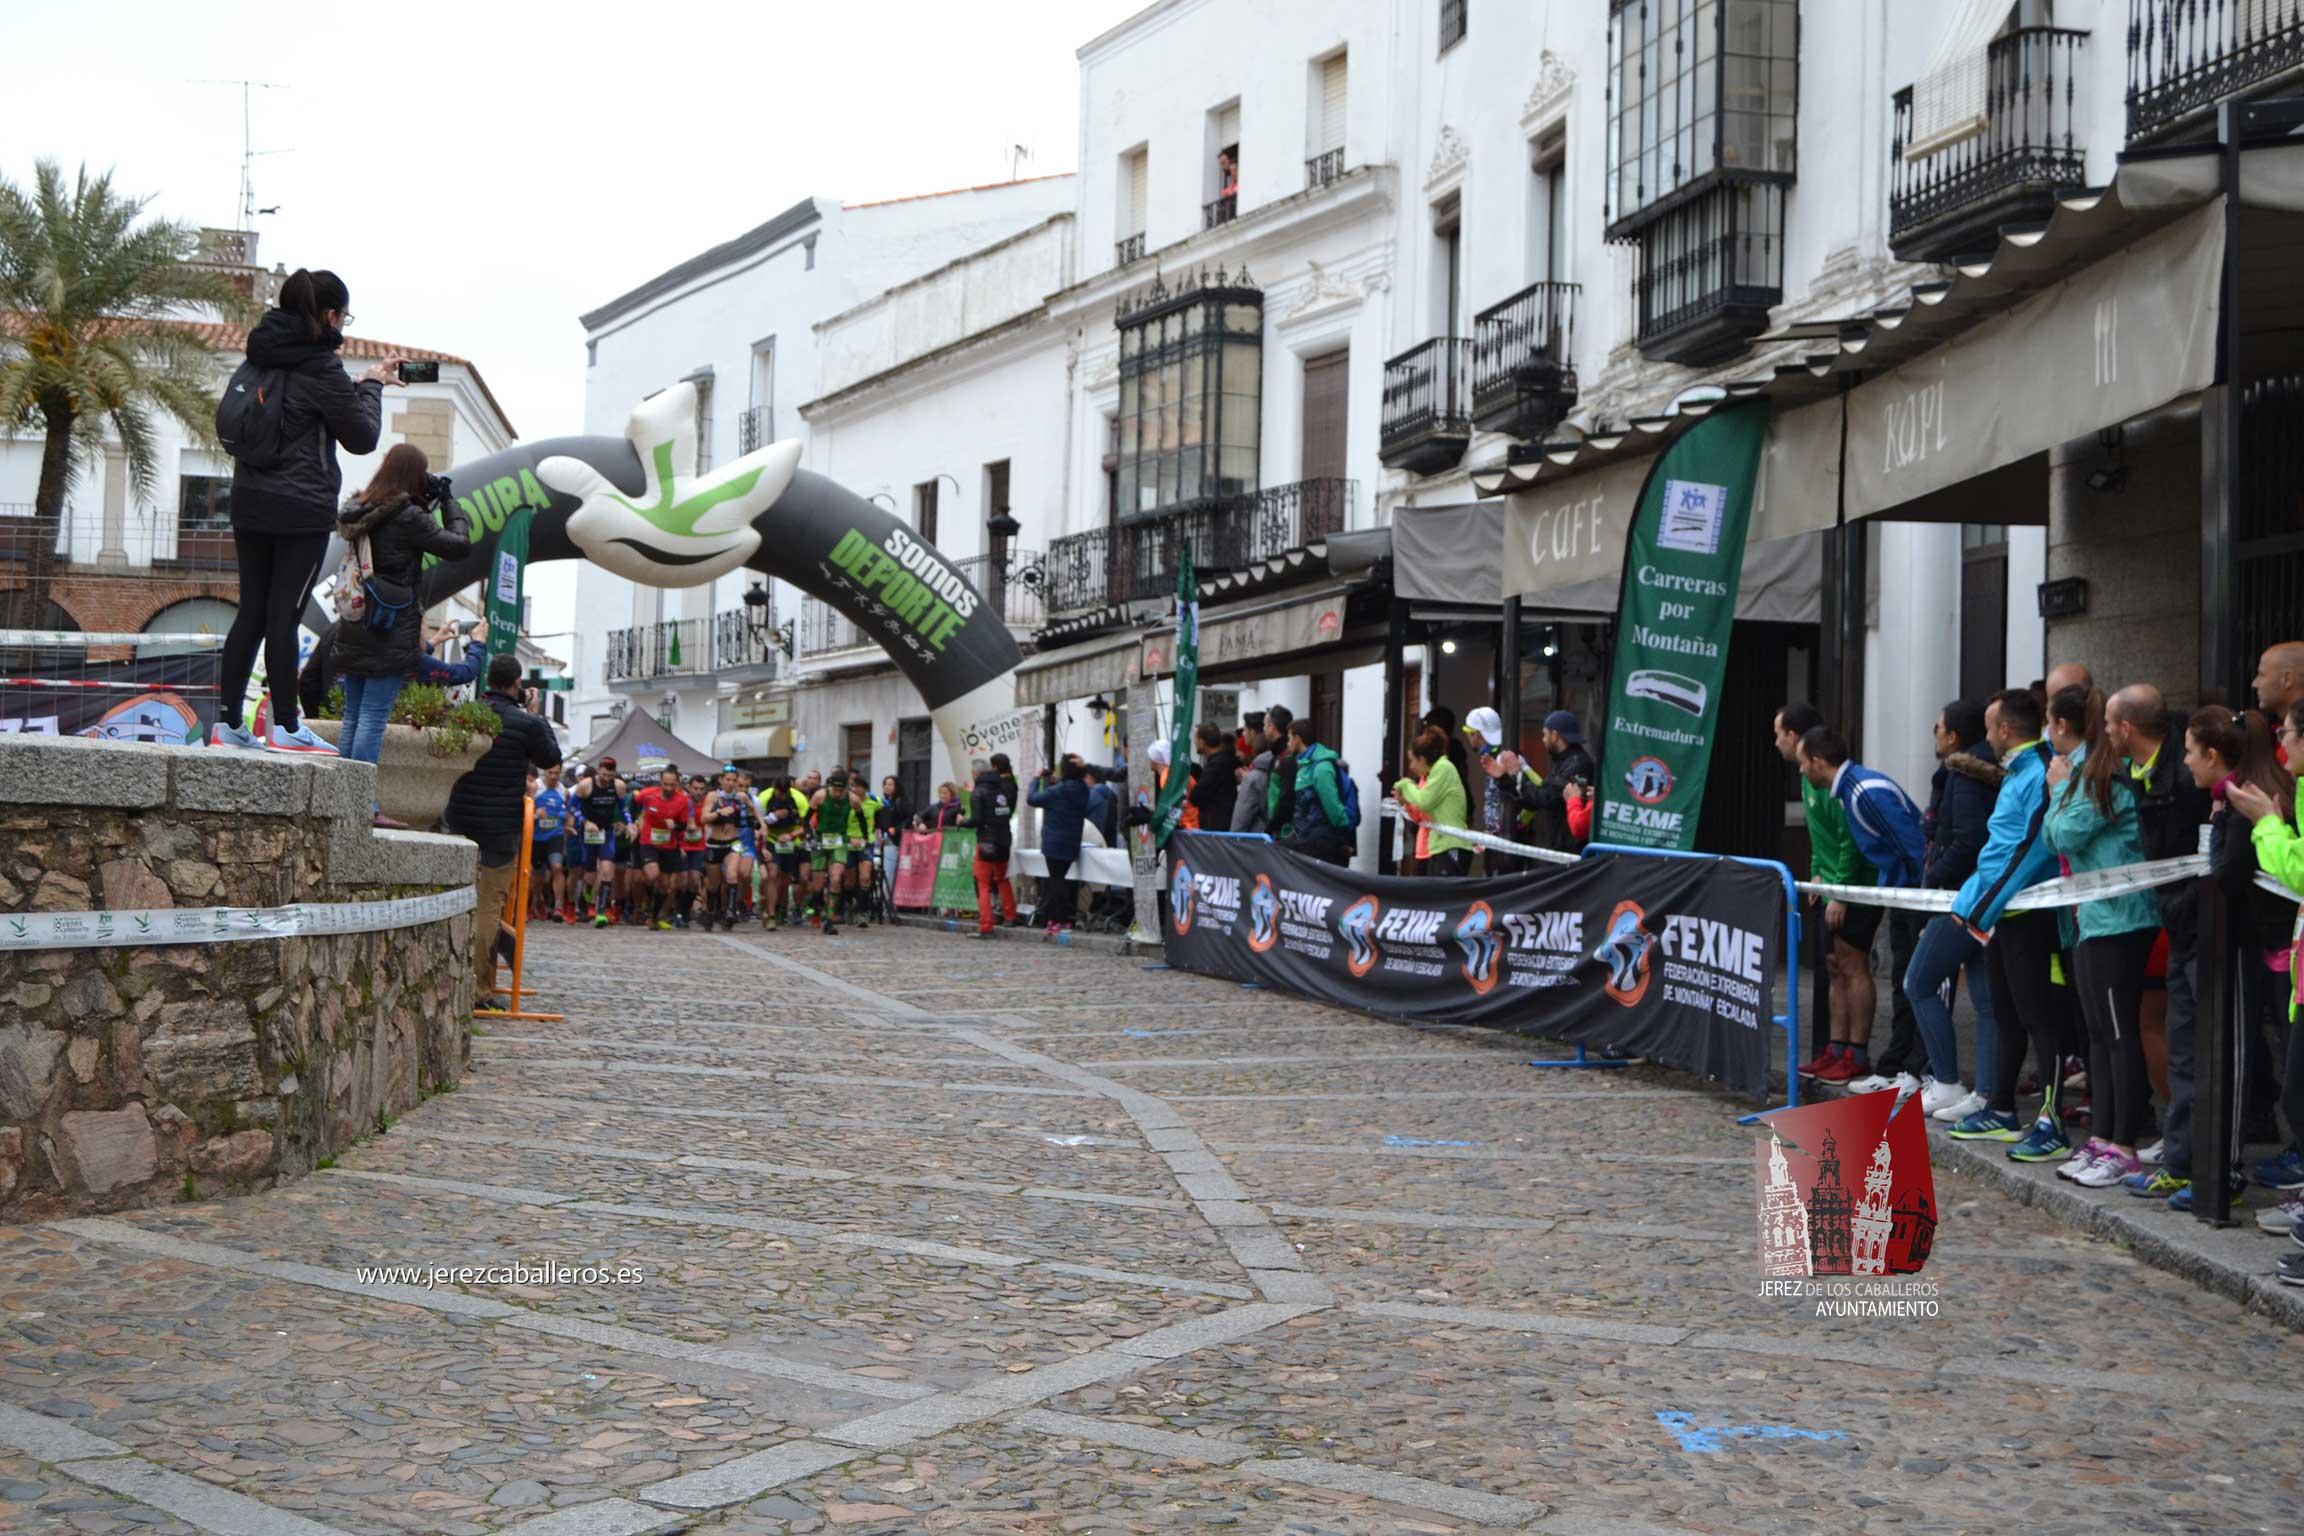 Daniel Remón Señorán y Beatriz González Suárez vencedores del I Trail Jerez de los Caballeros-Sierra San José celebrada este domingo